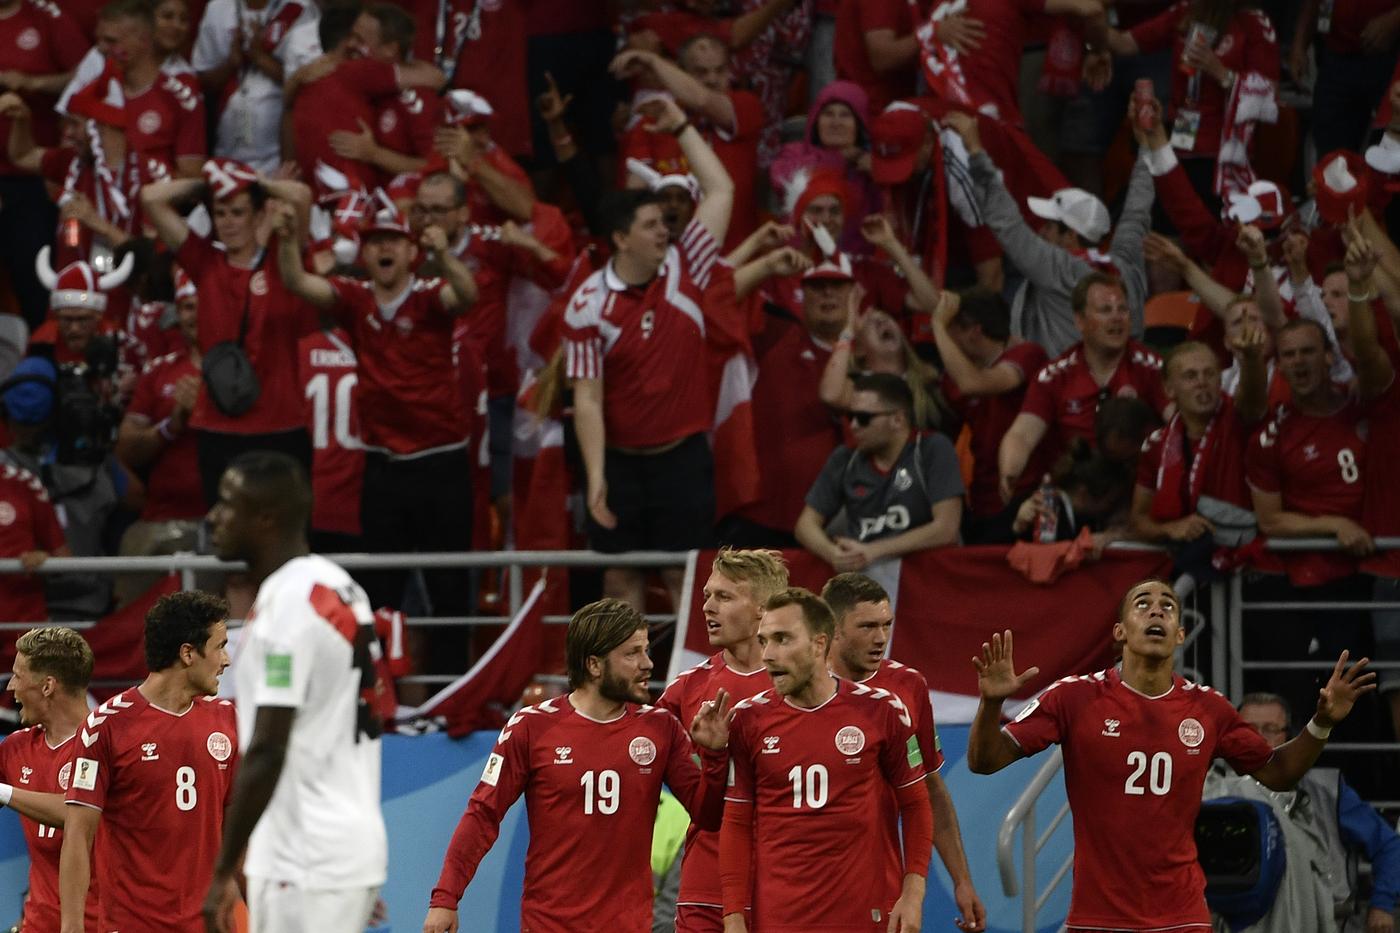 Coppa di Danimarca 12 settembre: si giocano 3 gare dei 32 esimi di finale della coppa nazionale danese. Chi andrà dunque avanti?